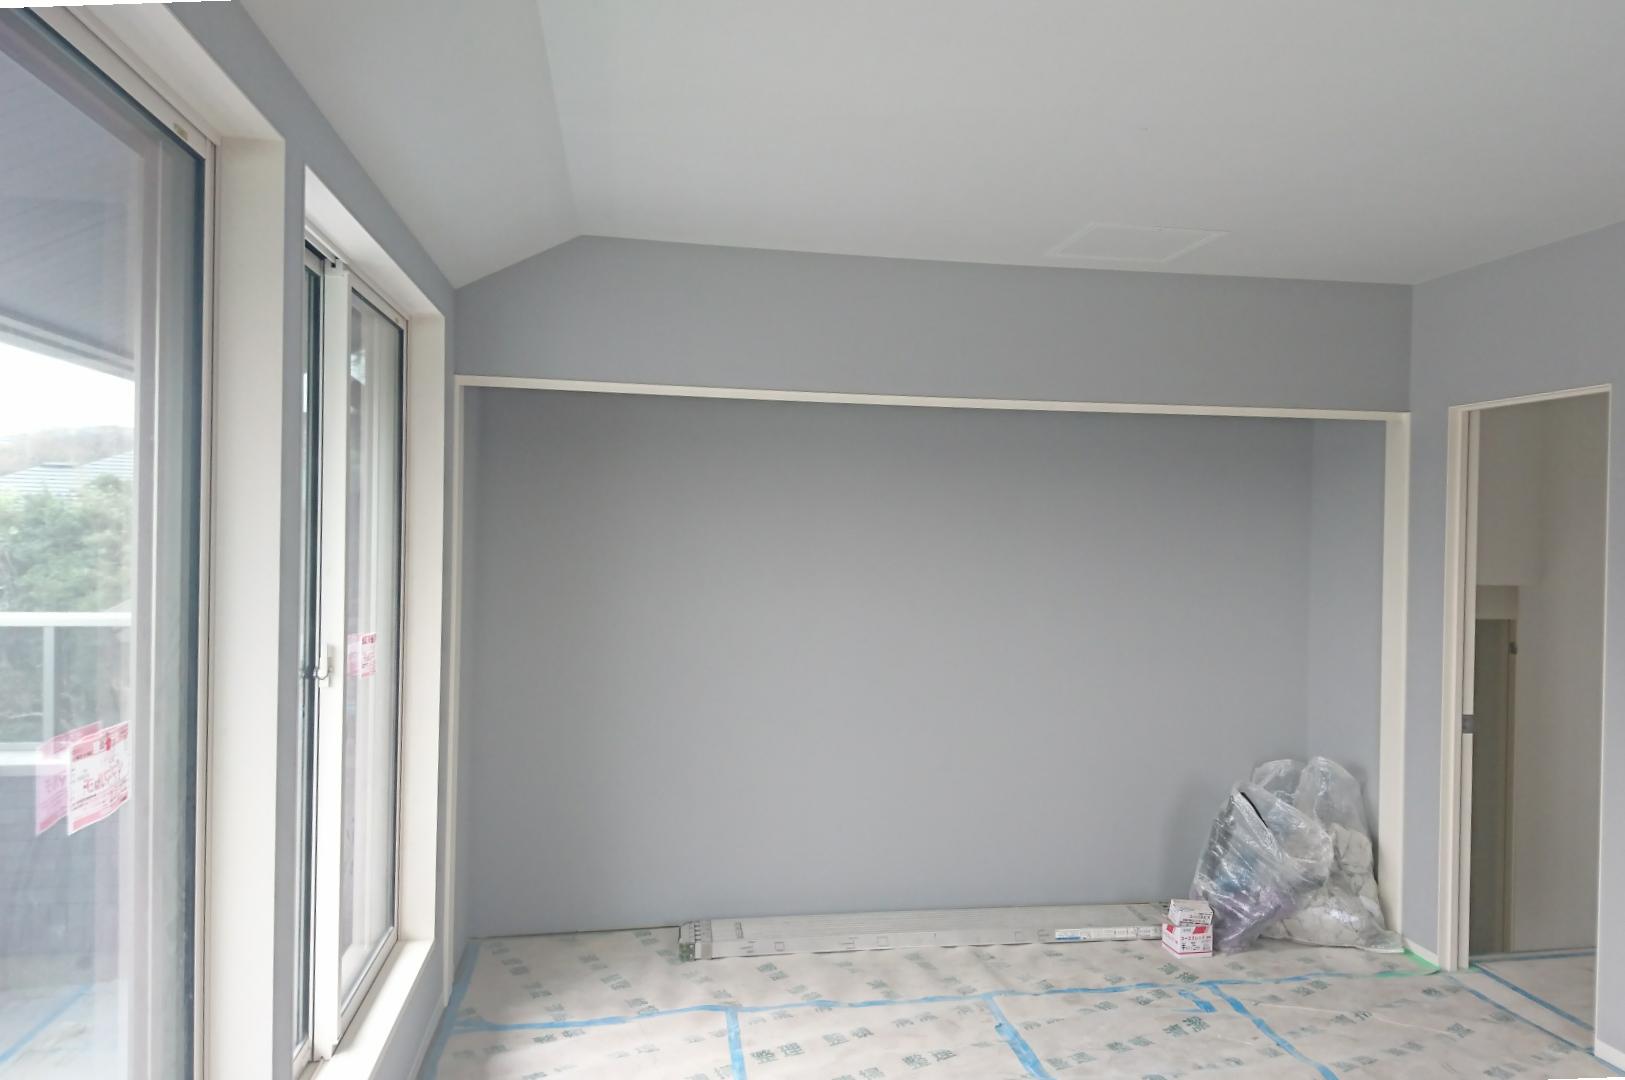 我が部屋の壁紙完了 横浜にミサワホームを建てた